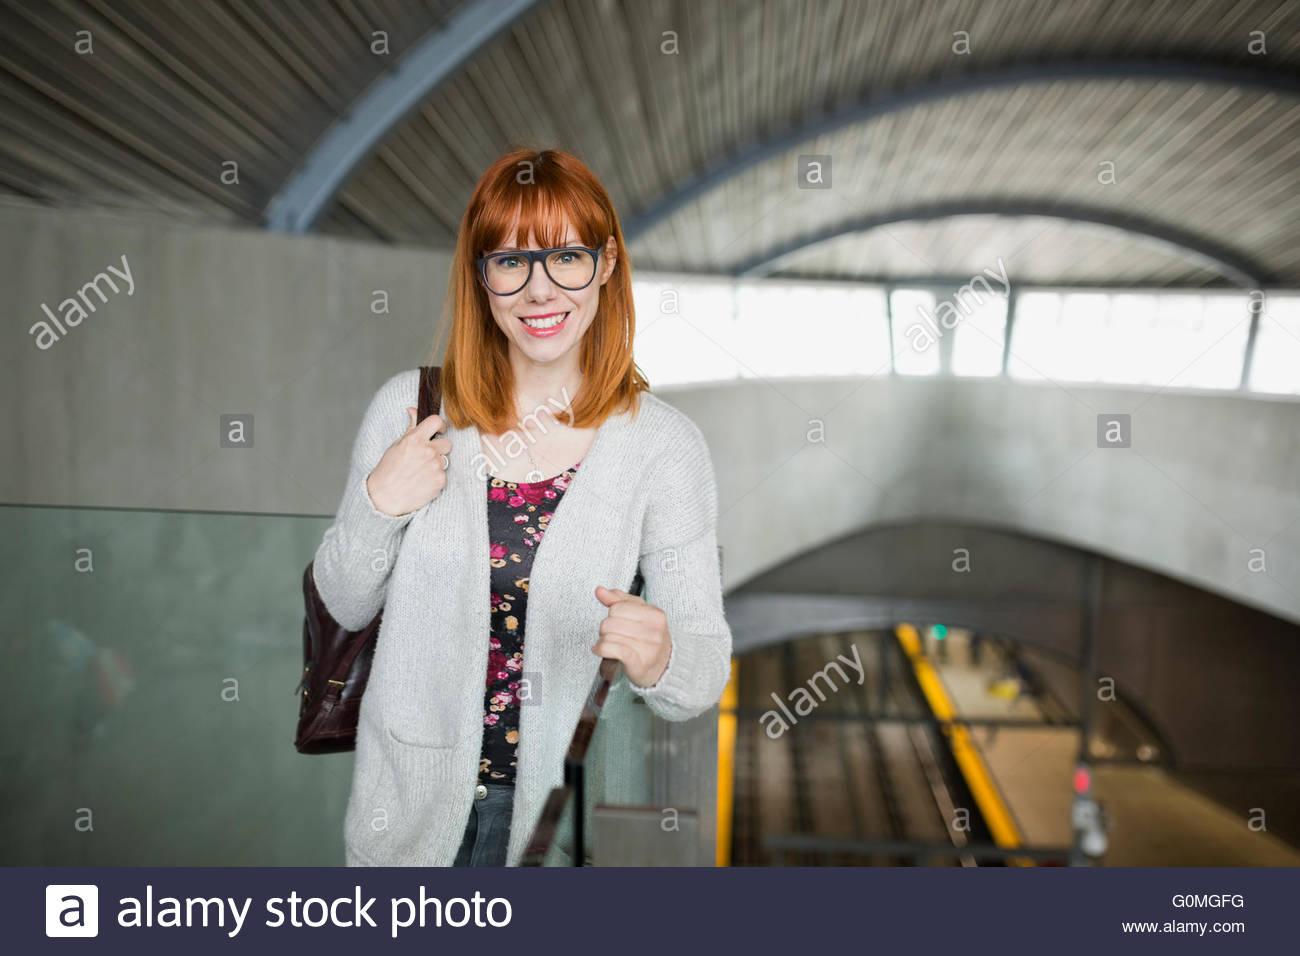 Retrato mujer sonriente en la estación de tren Imagen De Stock